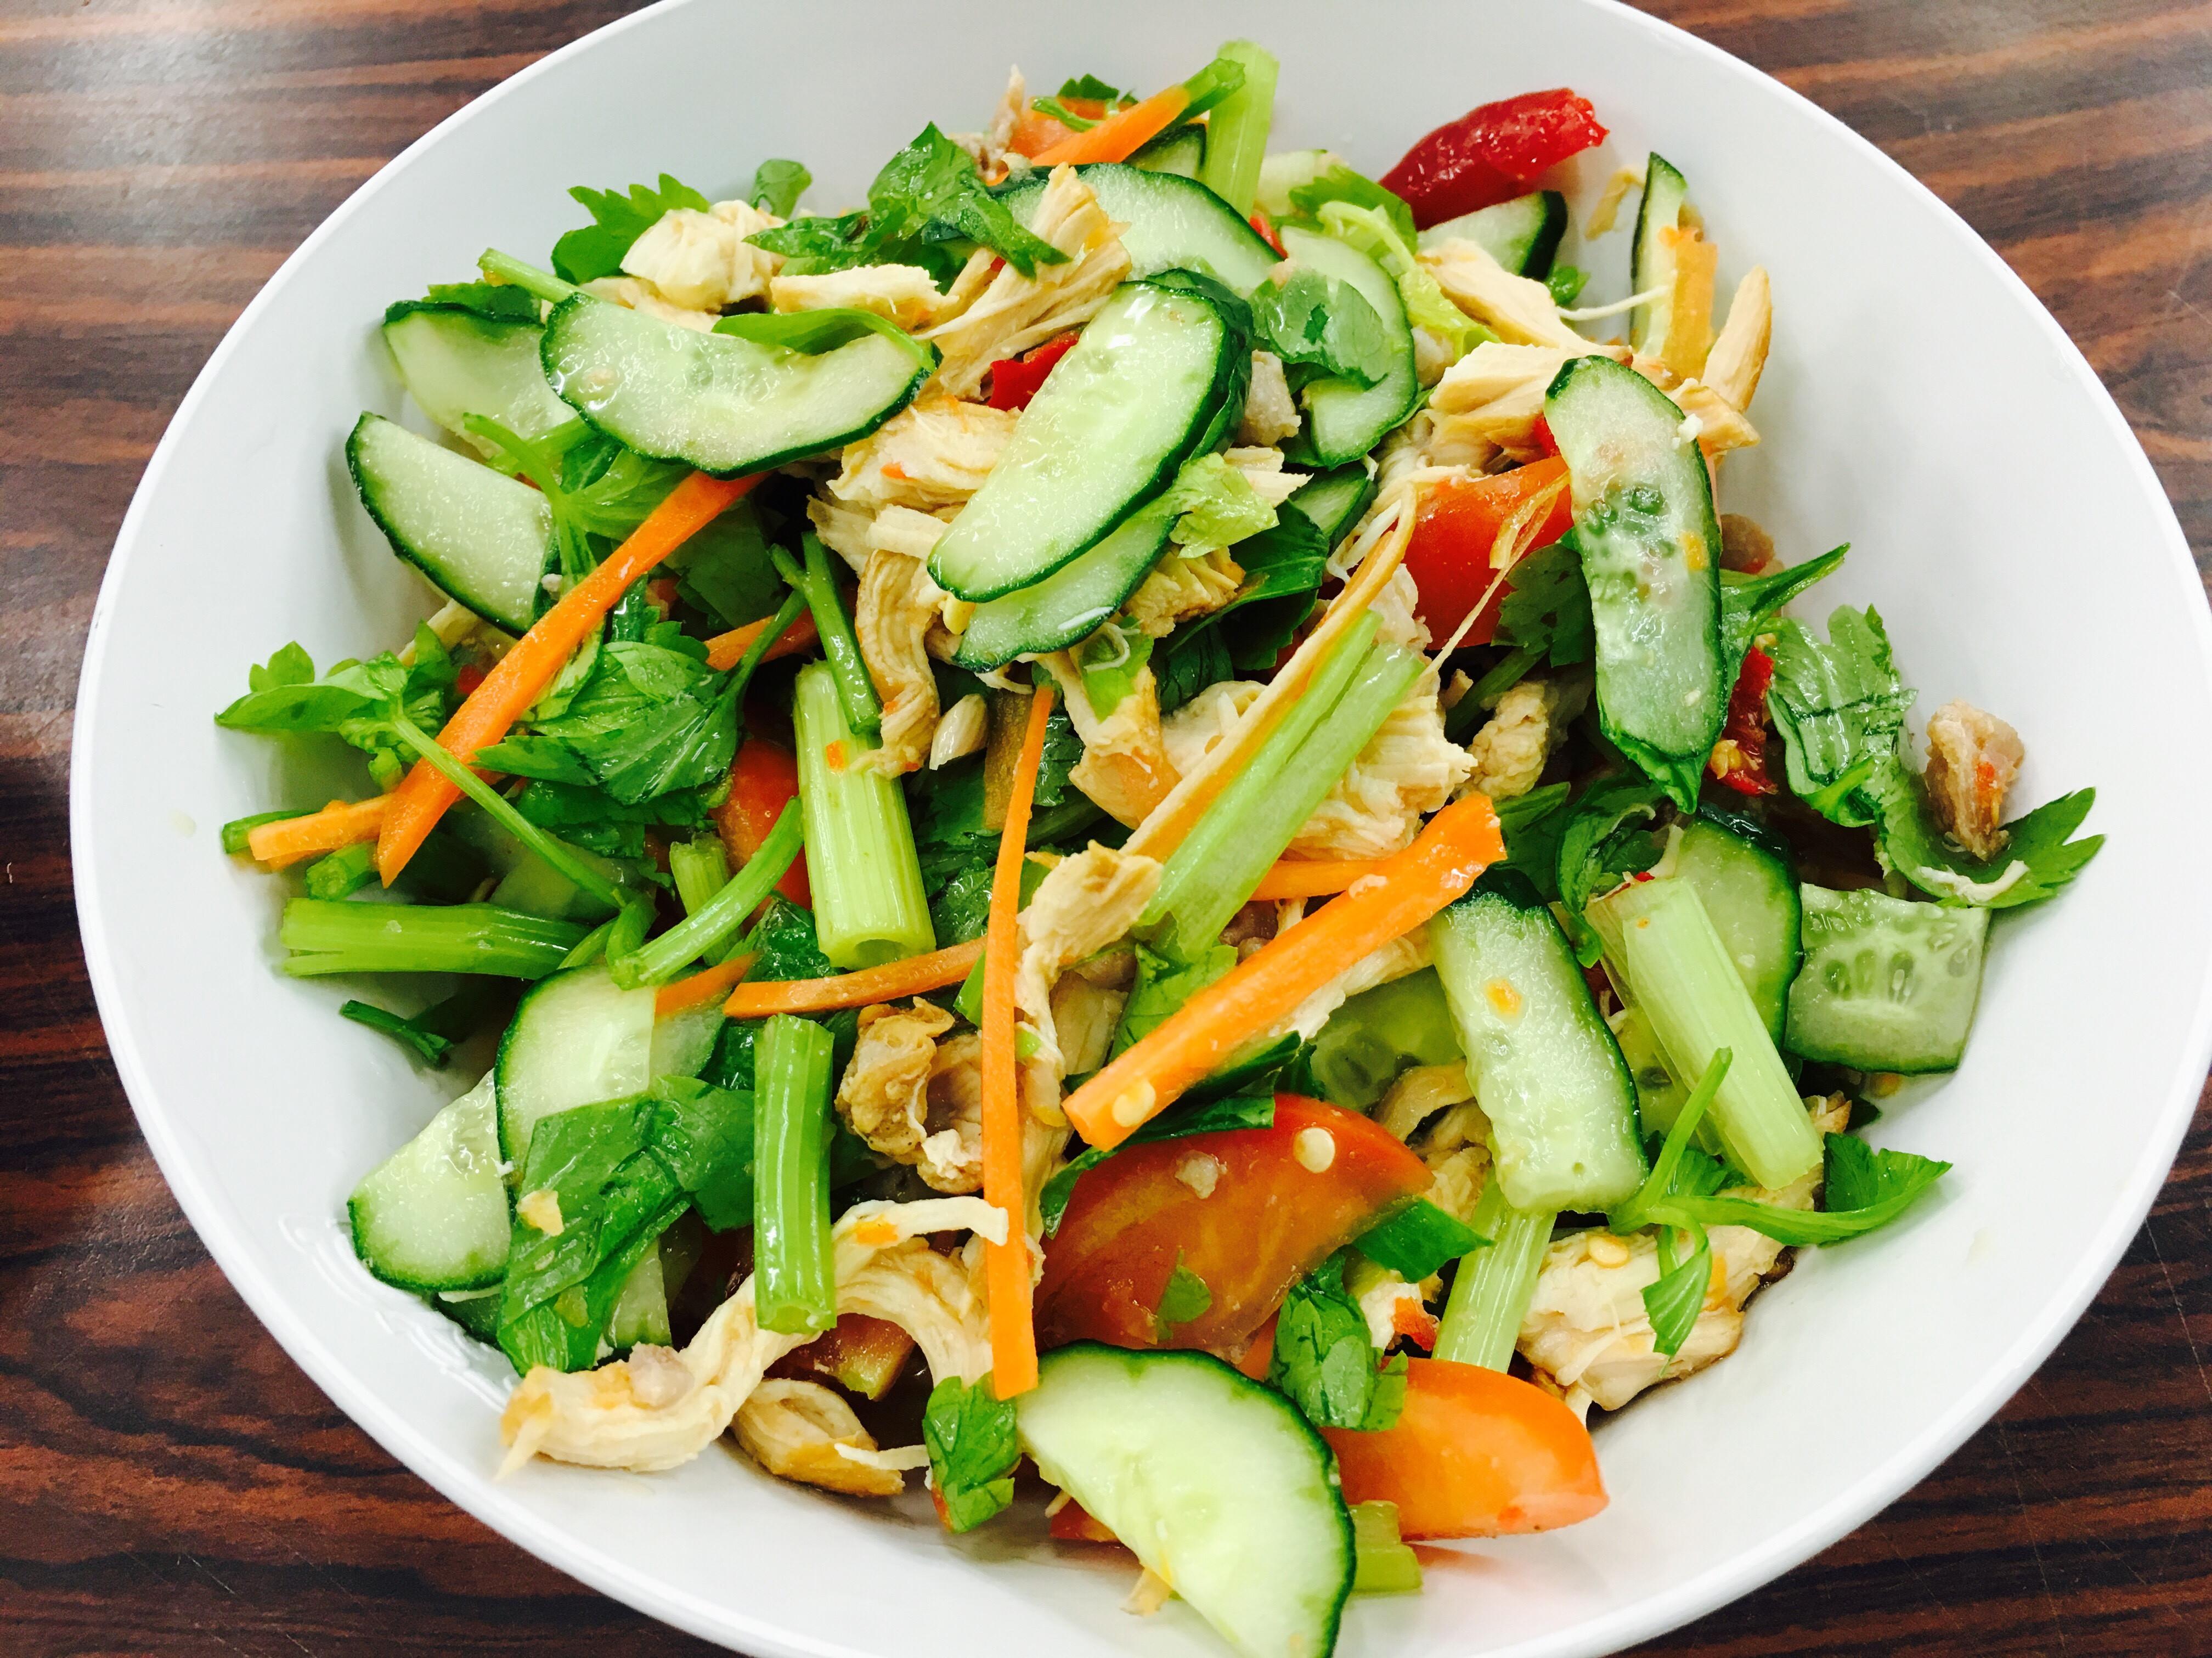 泰式涼拌雞胸肉 「輕食、健康、瘦身」